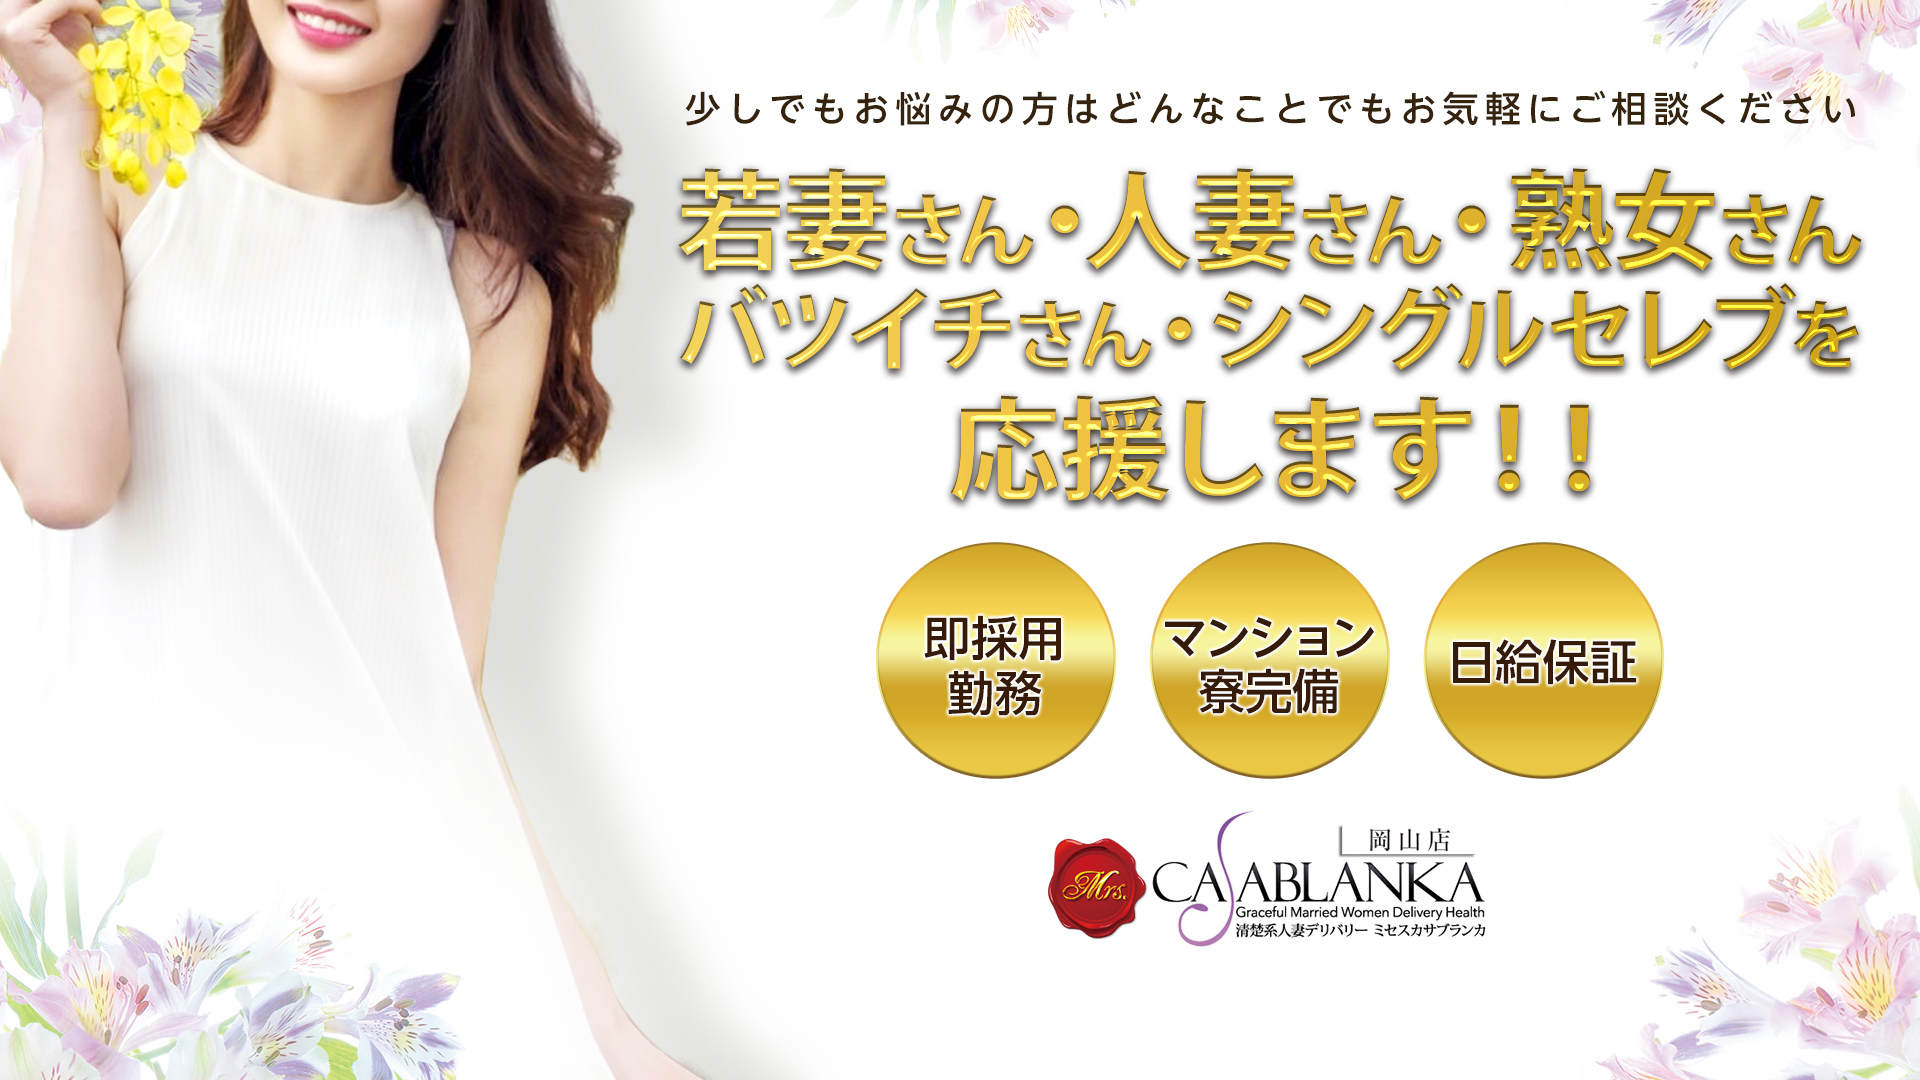 ミセスカサブランカ岡山店の求人画像